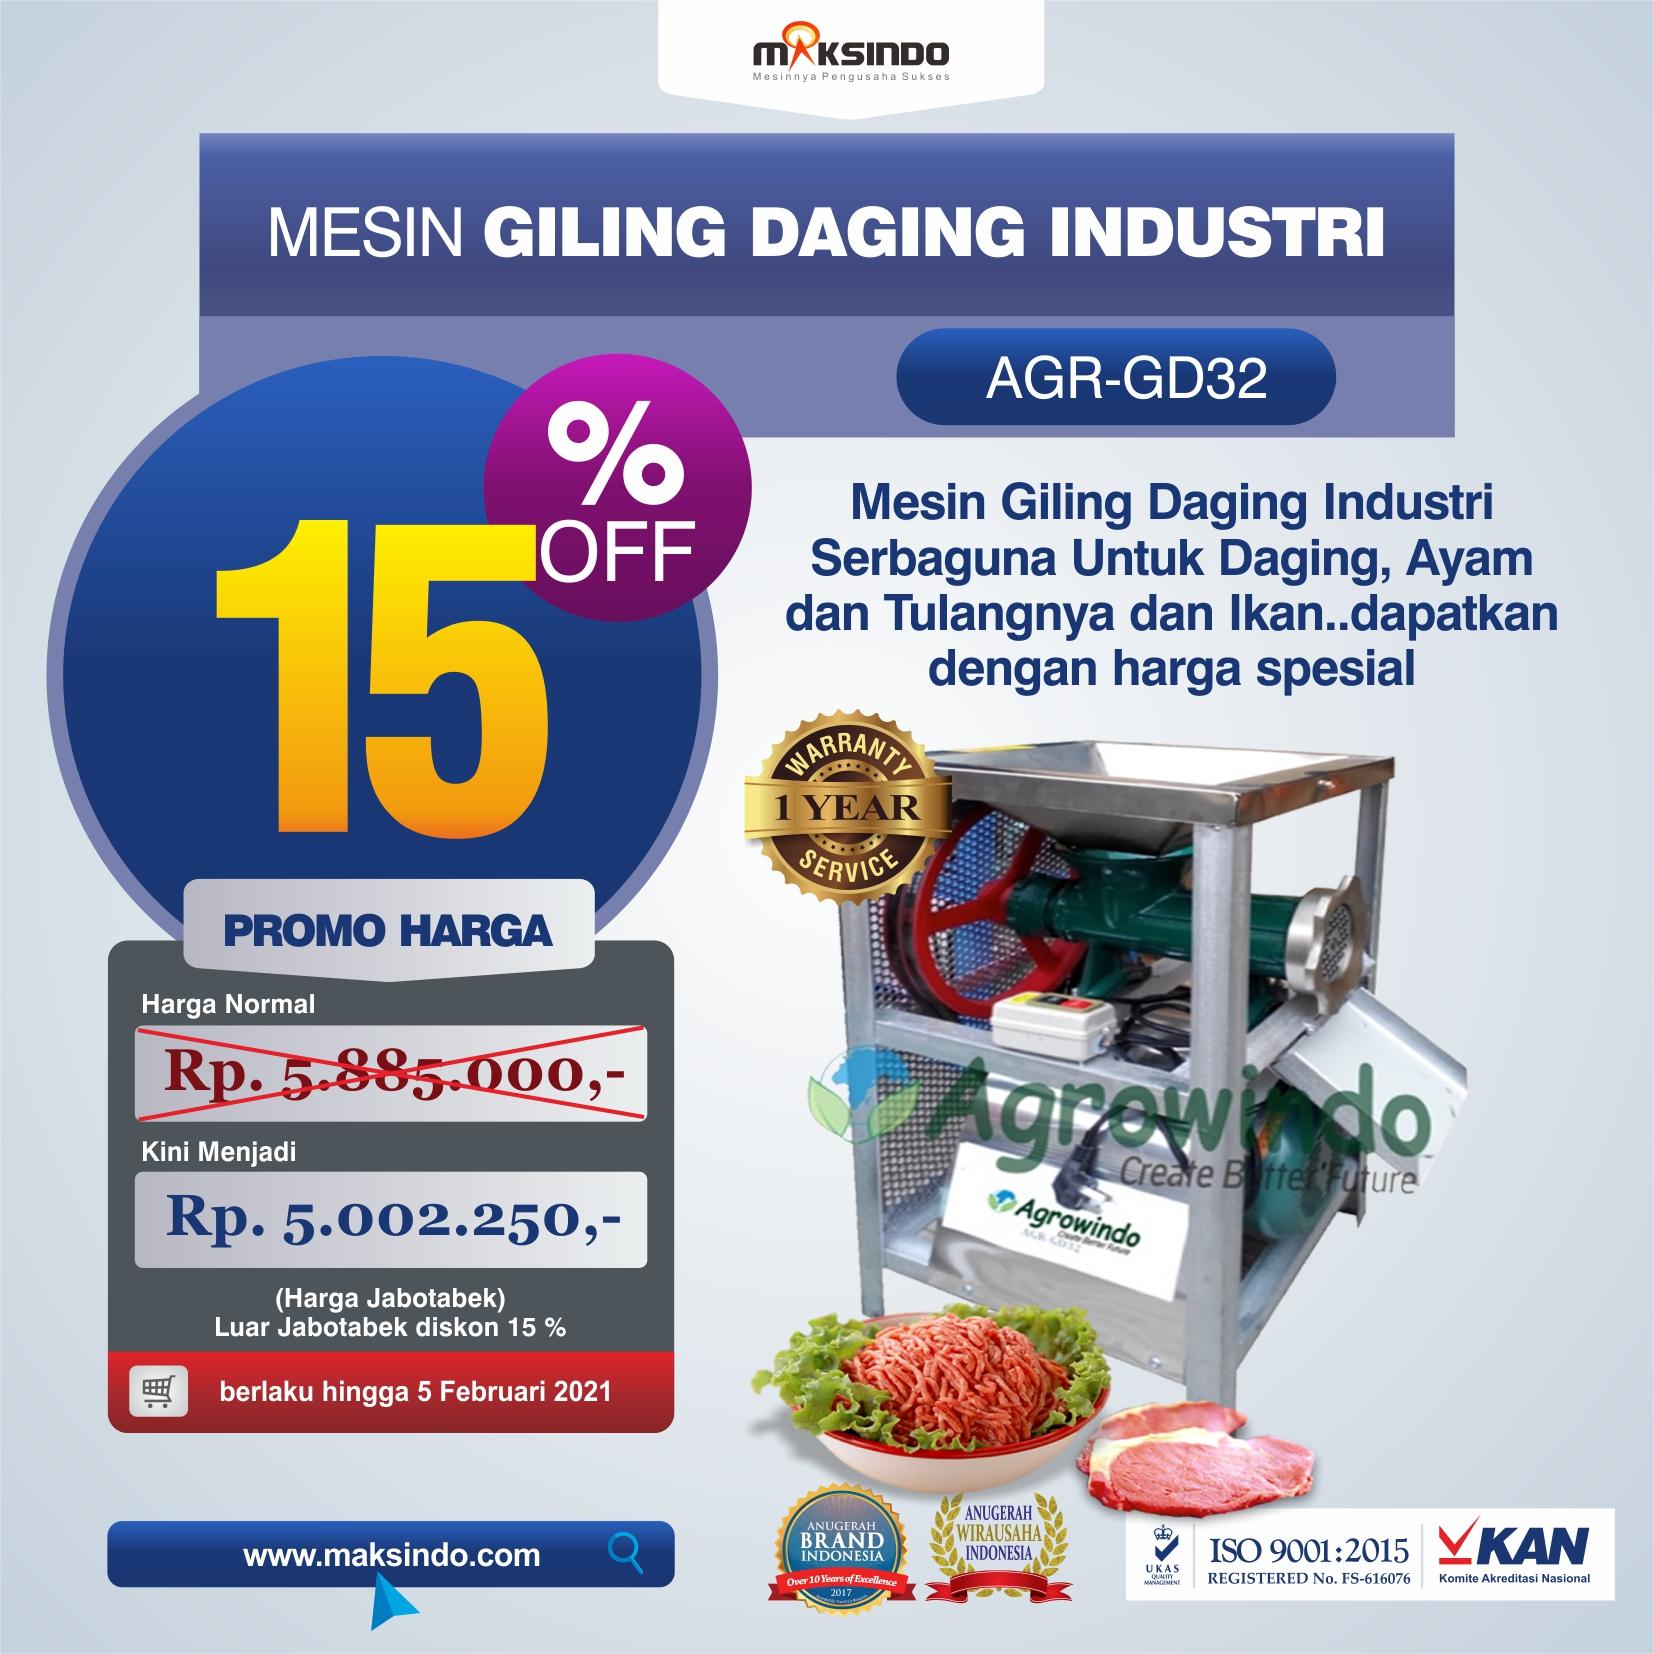 Jual Mesin Giling Daging Industri (AGR-GD32) di Bekasi